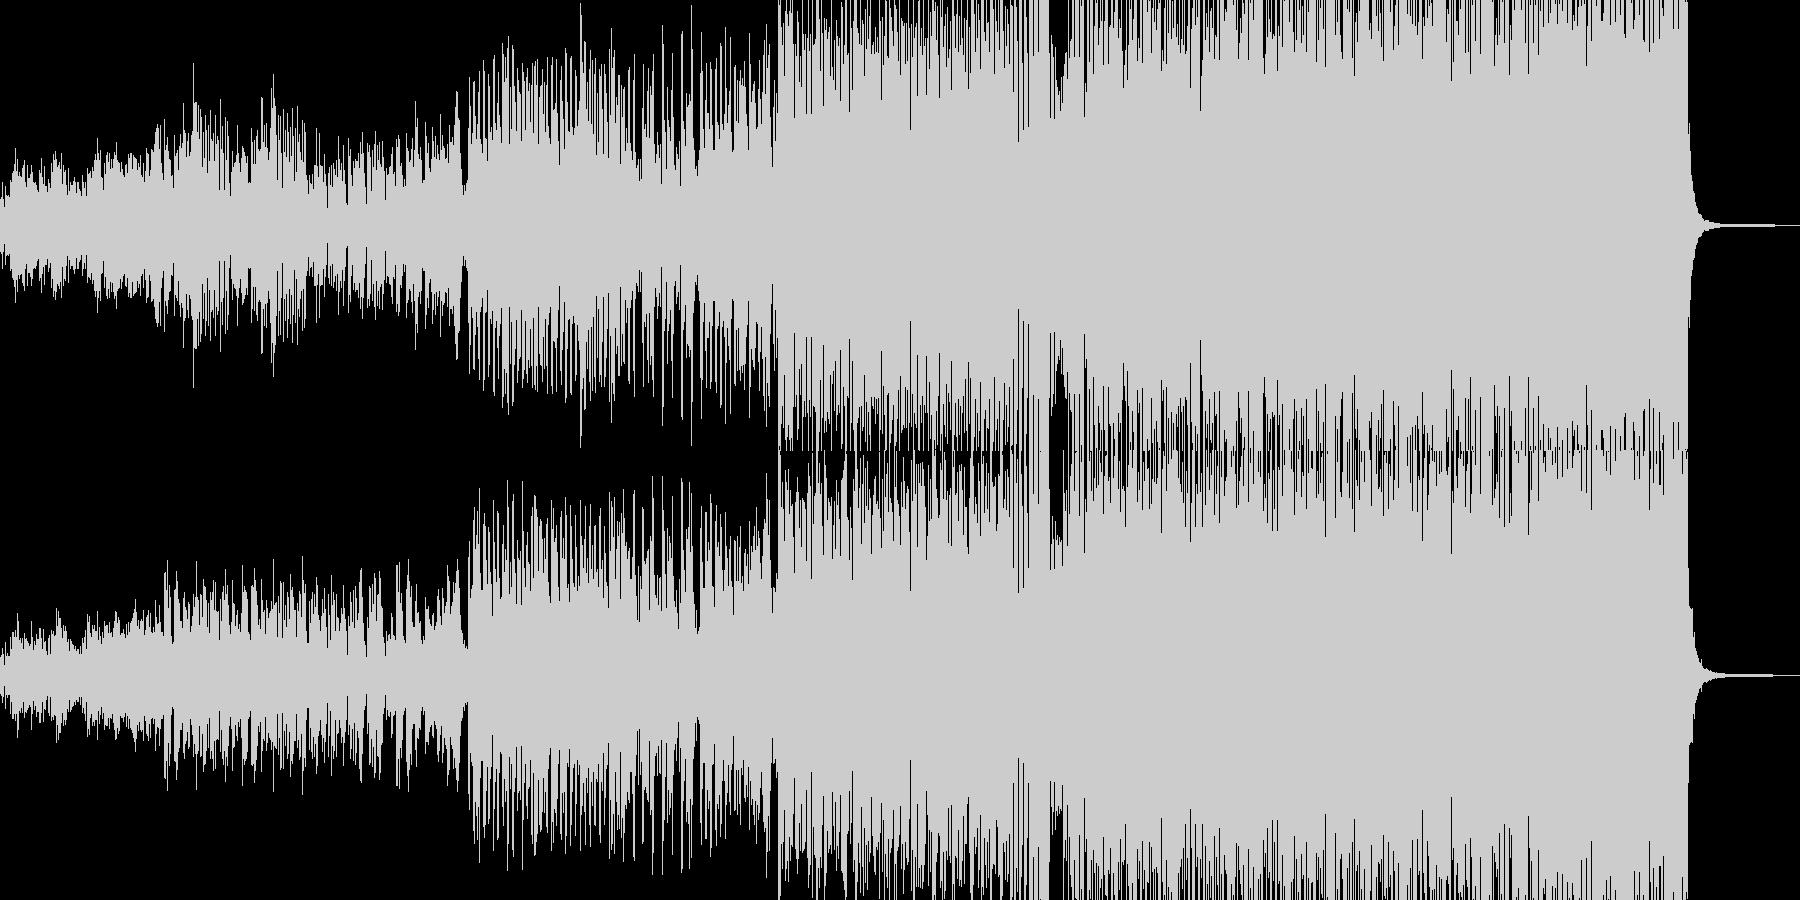 (≧▽≦)なトルコ行進曲の未再生の波形